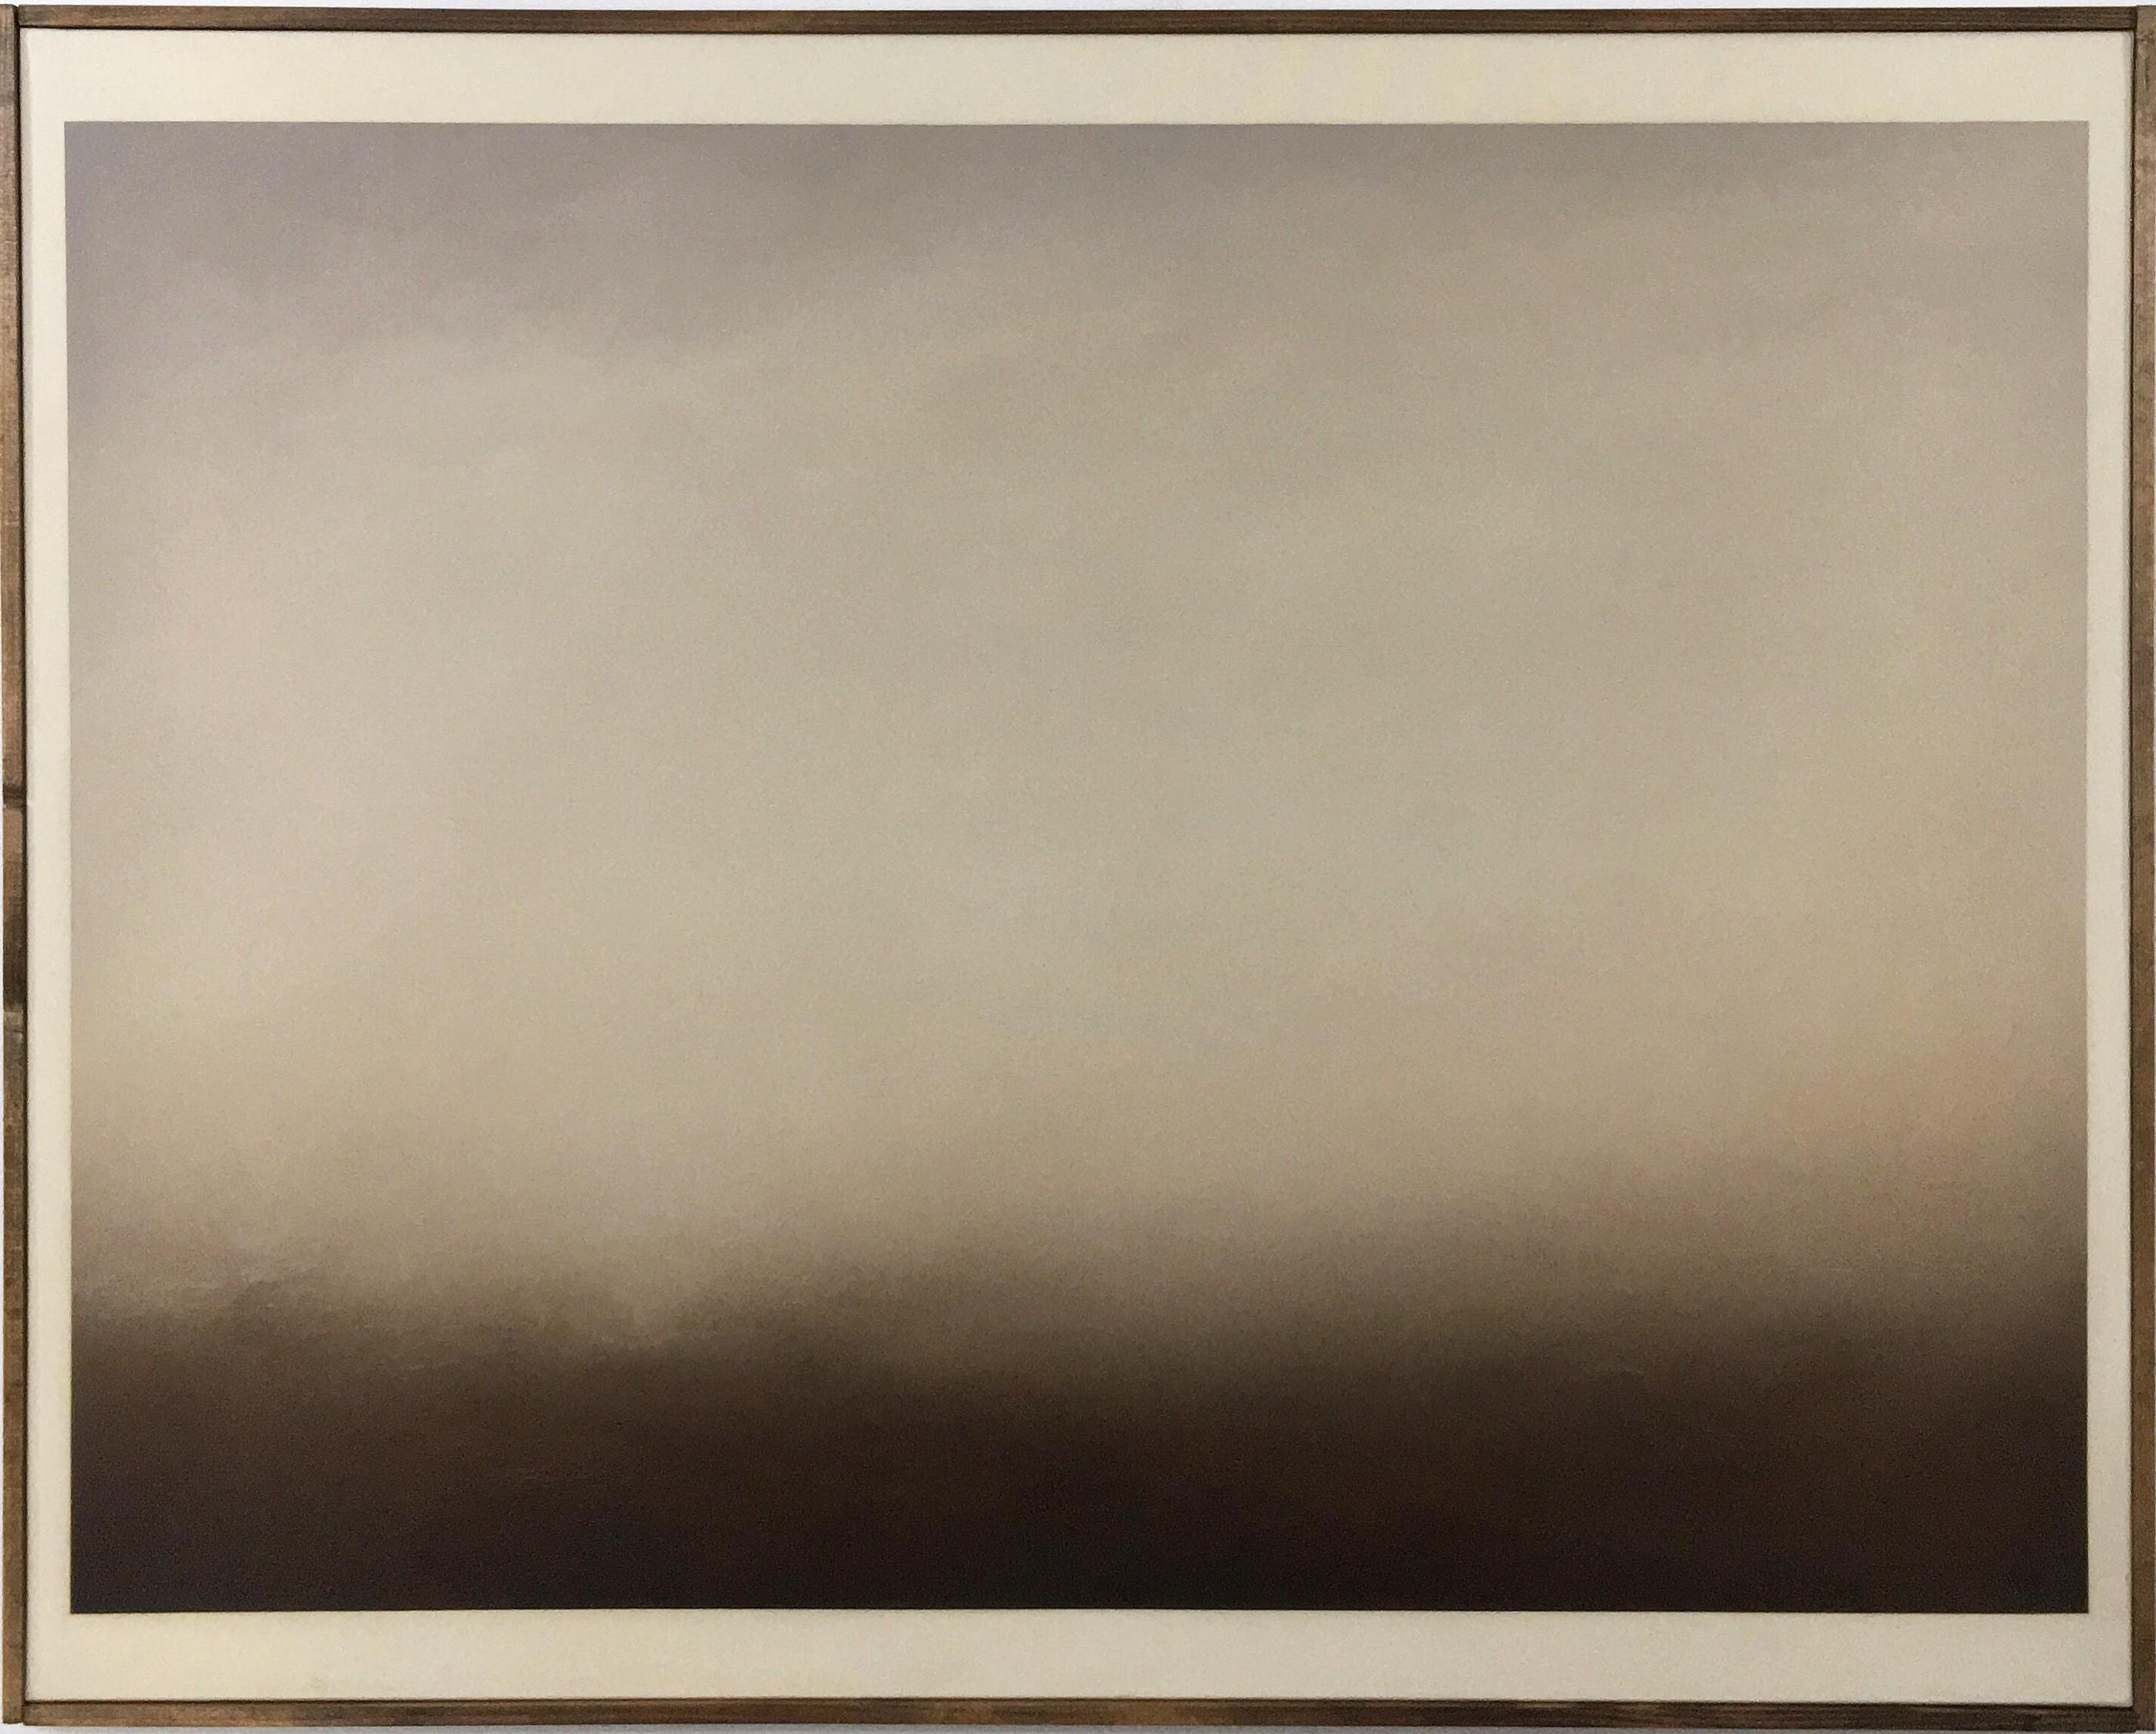 Alexandre Marciano, The Auction Collective, Mémoire D'un Rivage